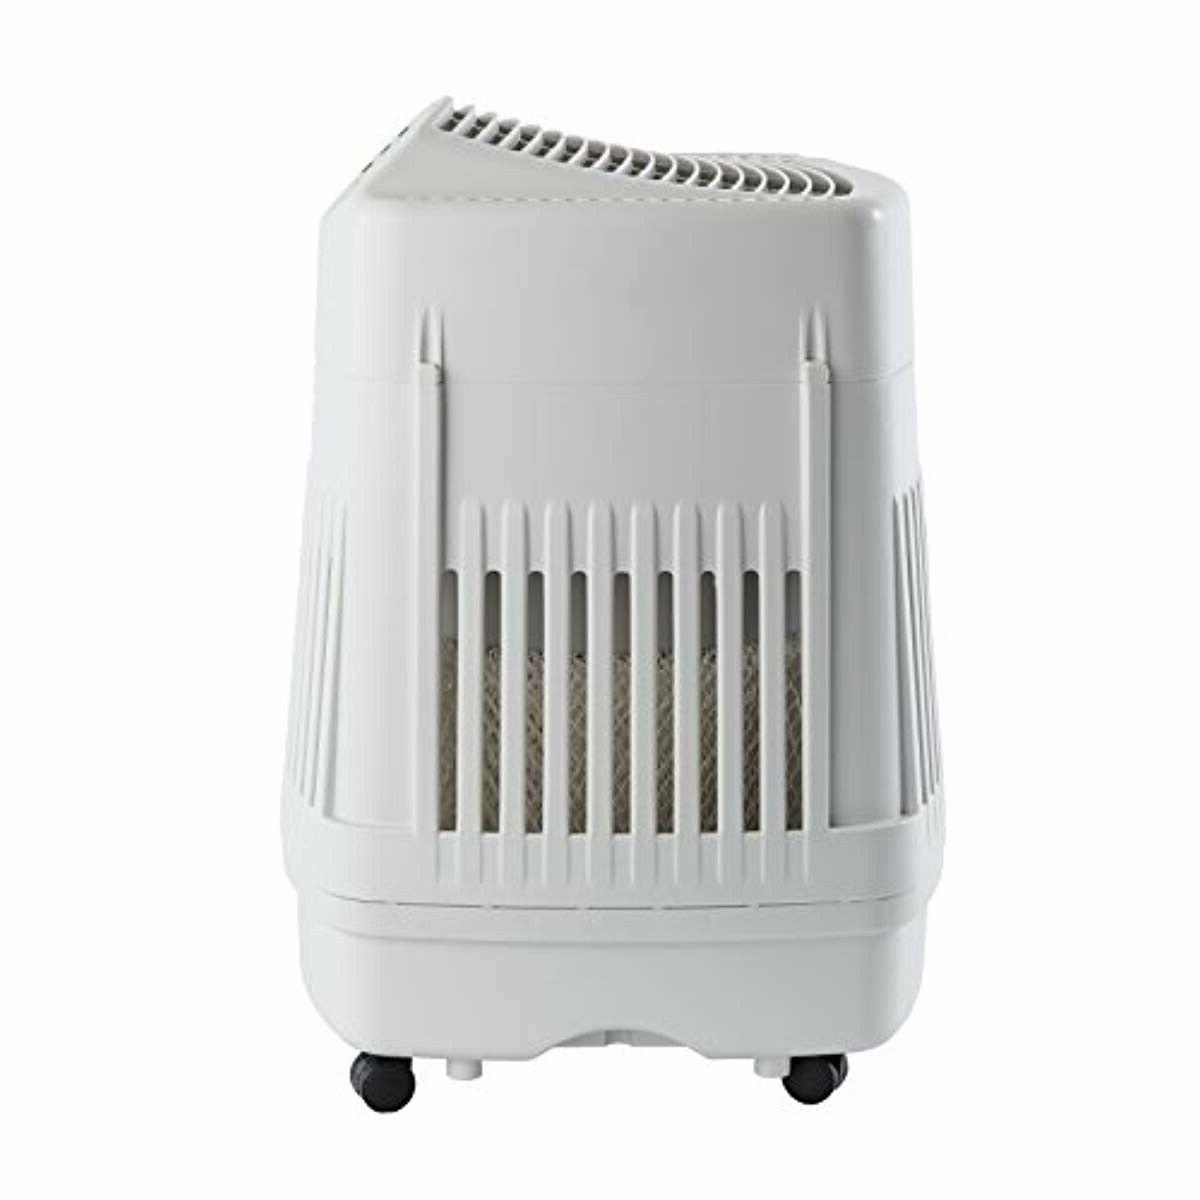 AIRCARE Evaporative Humidifier, White